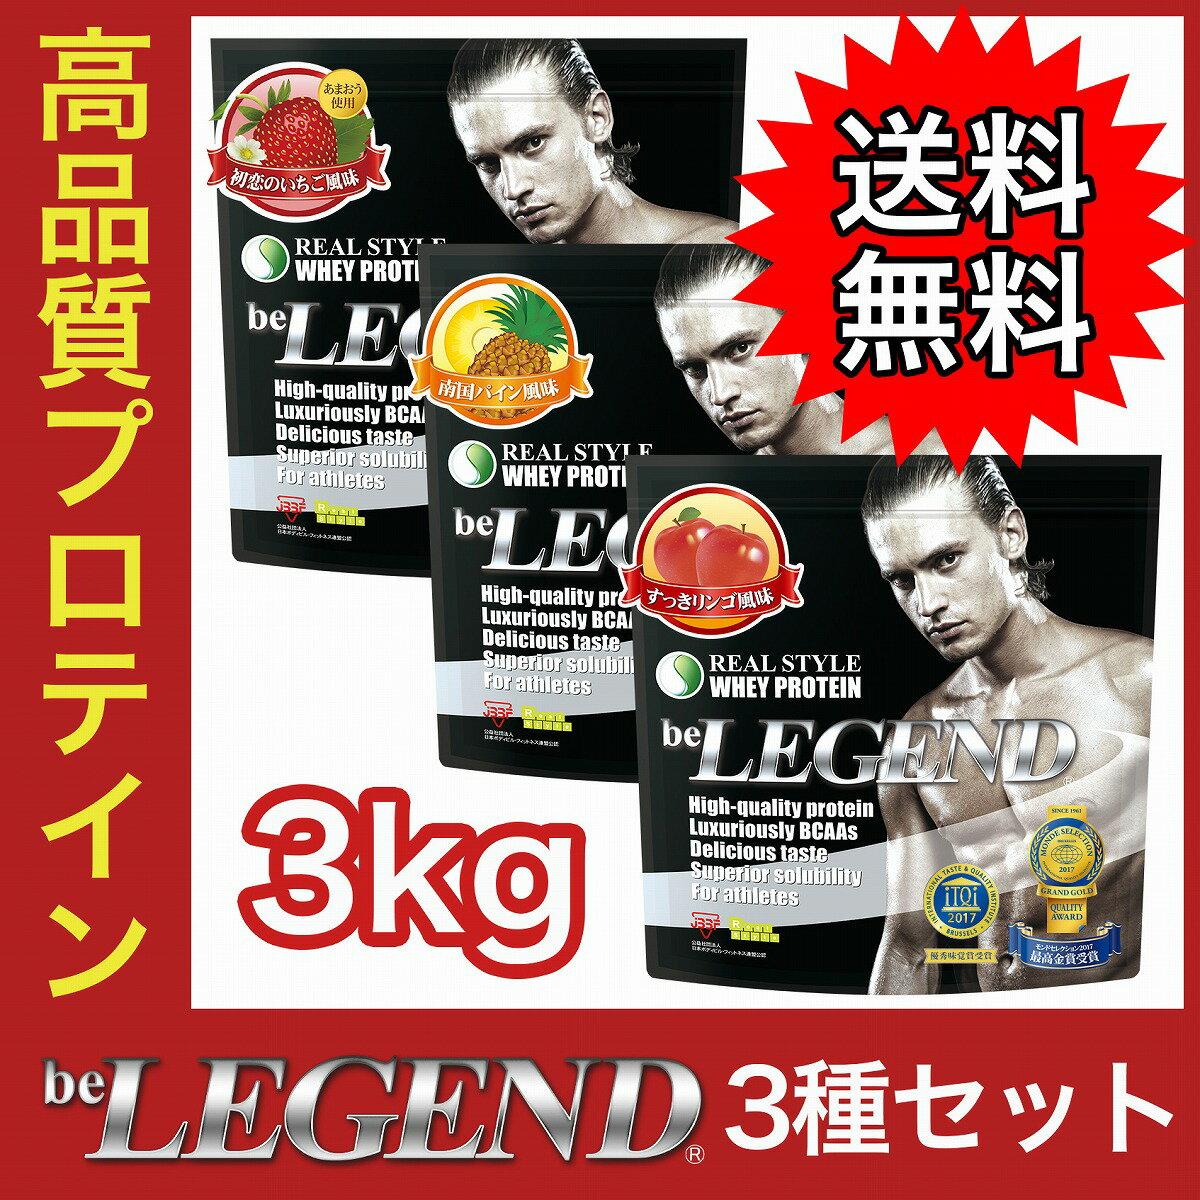 ビーレジェンド プロテイン 送料無料セット リンゴ&パイン&イチゴ【1kg×3種類】(be LEGEND ホエイプロテイン)